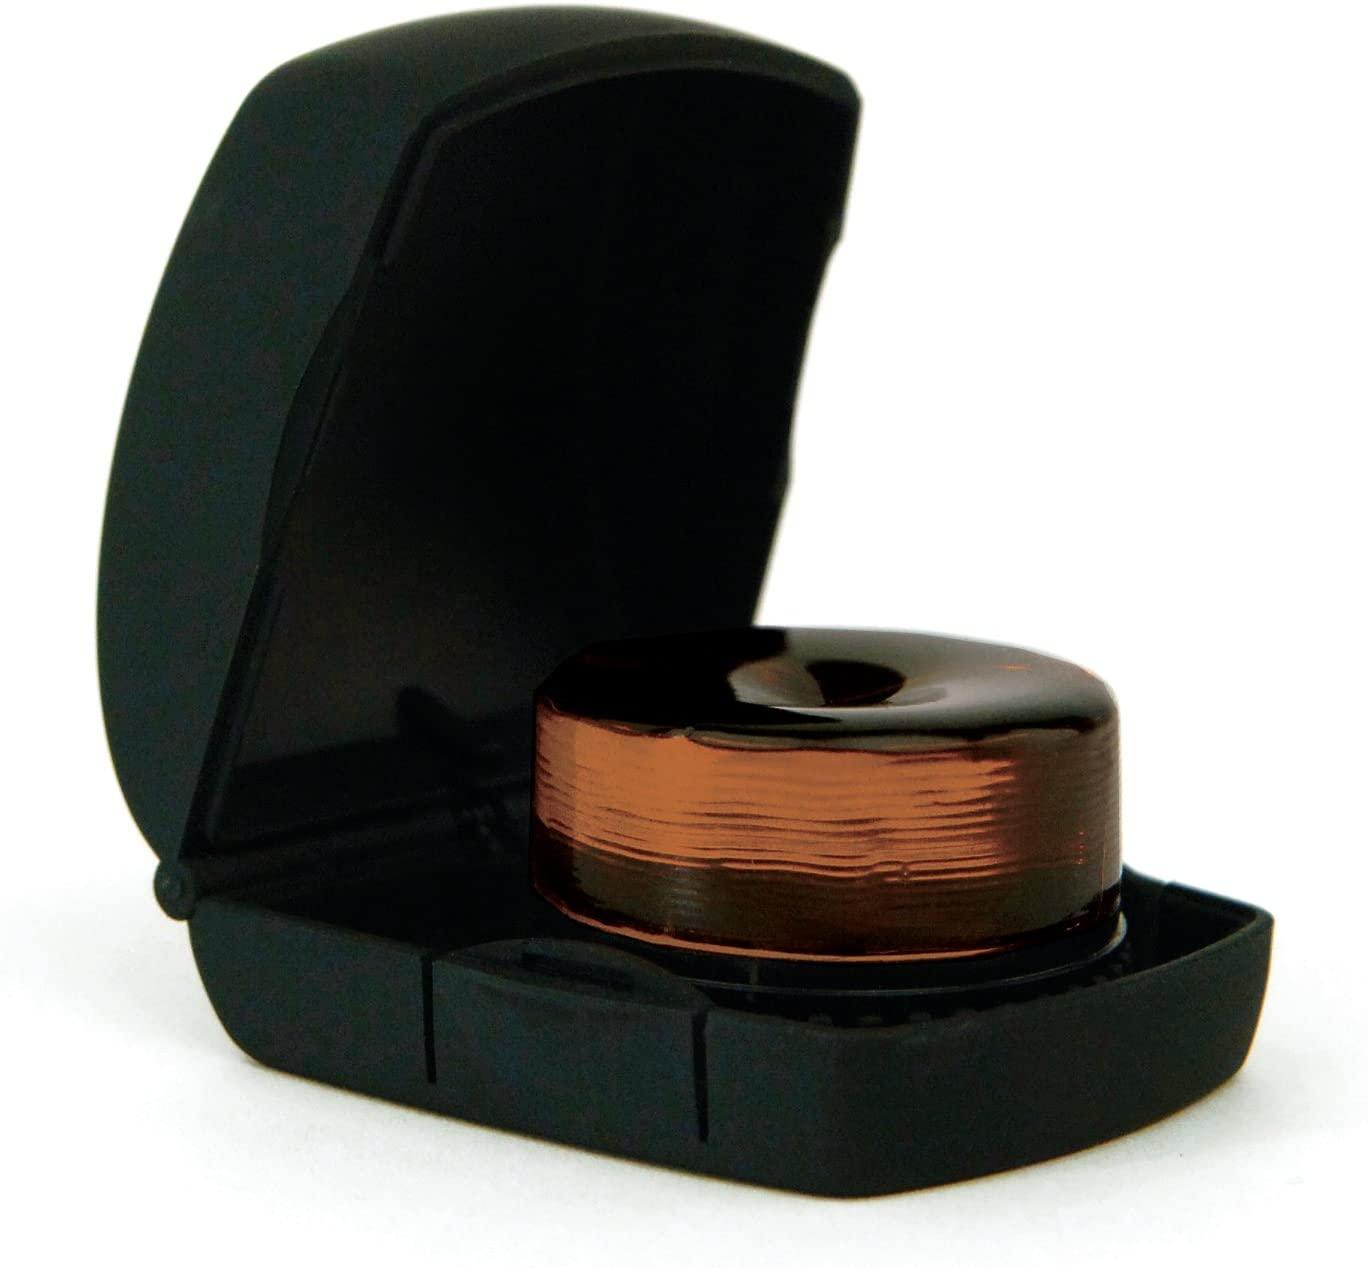 D'Addario Kaplan - Premium Rosin with Case, Dark (1)